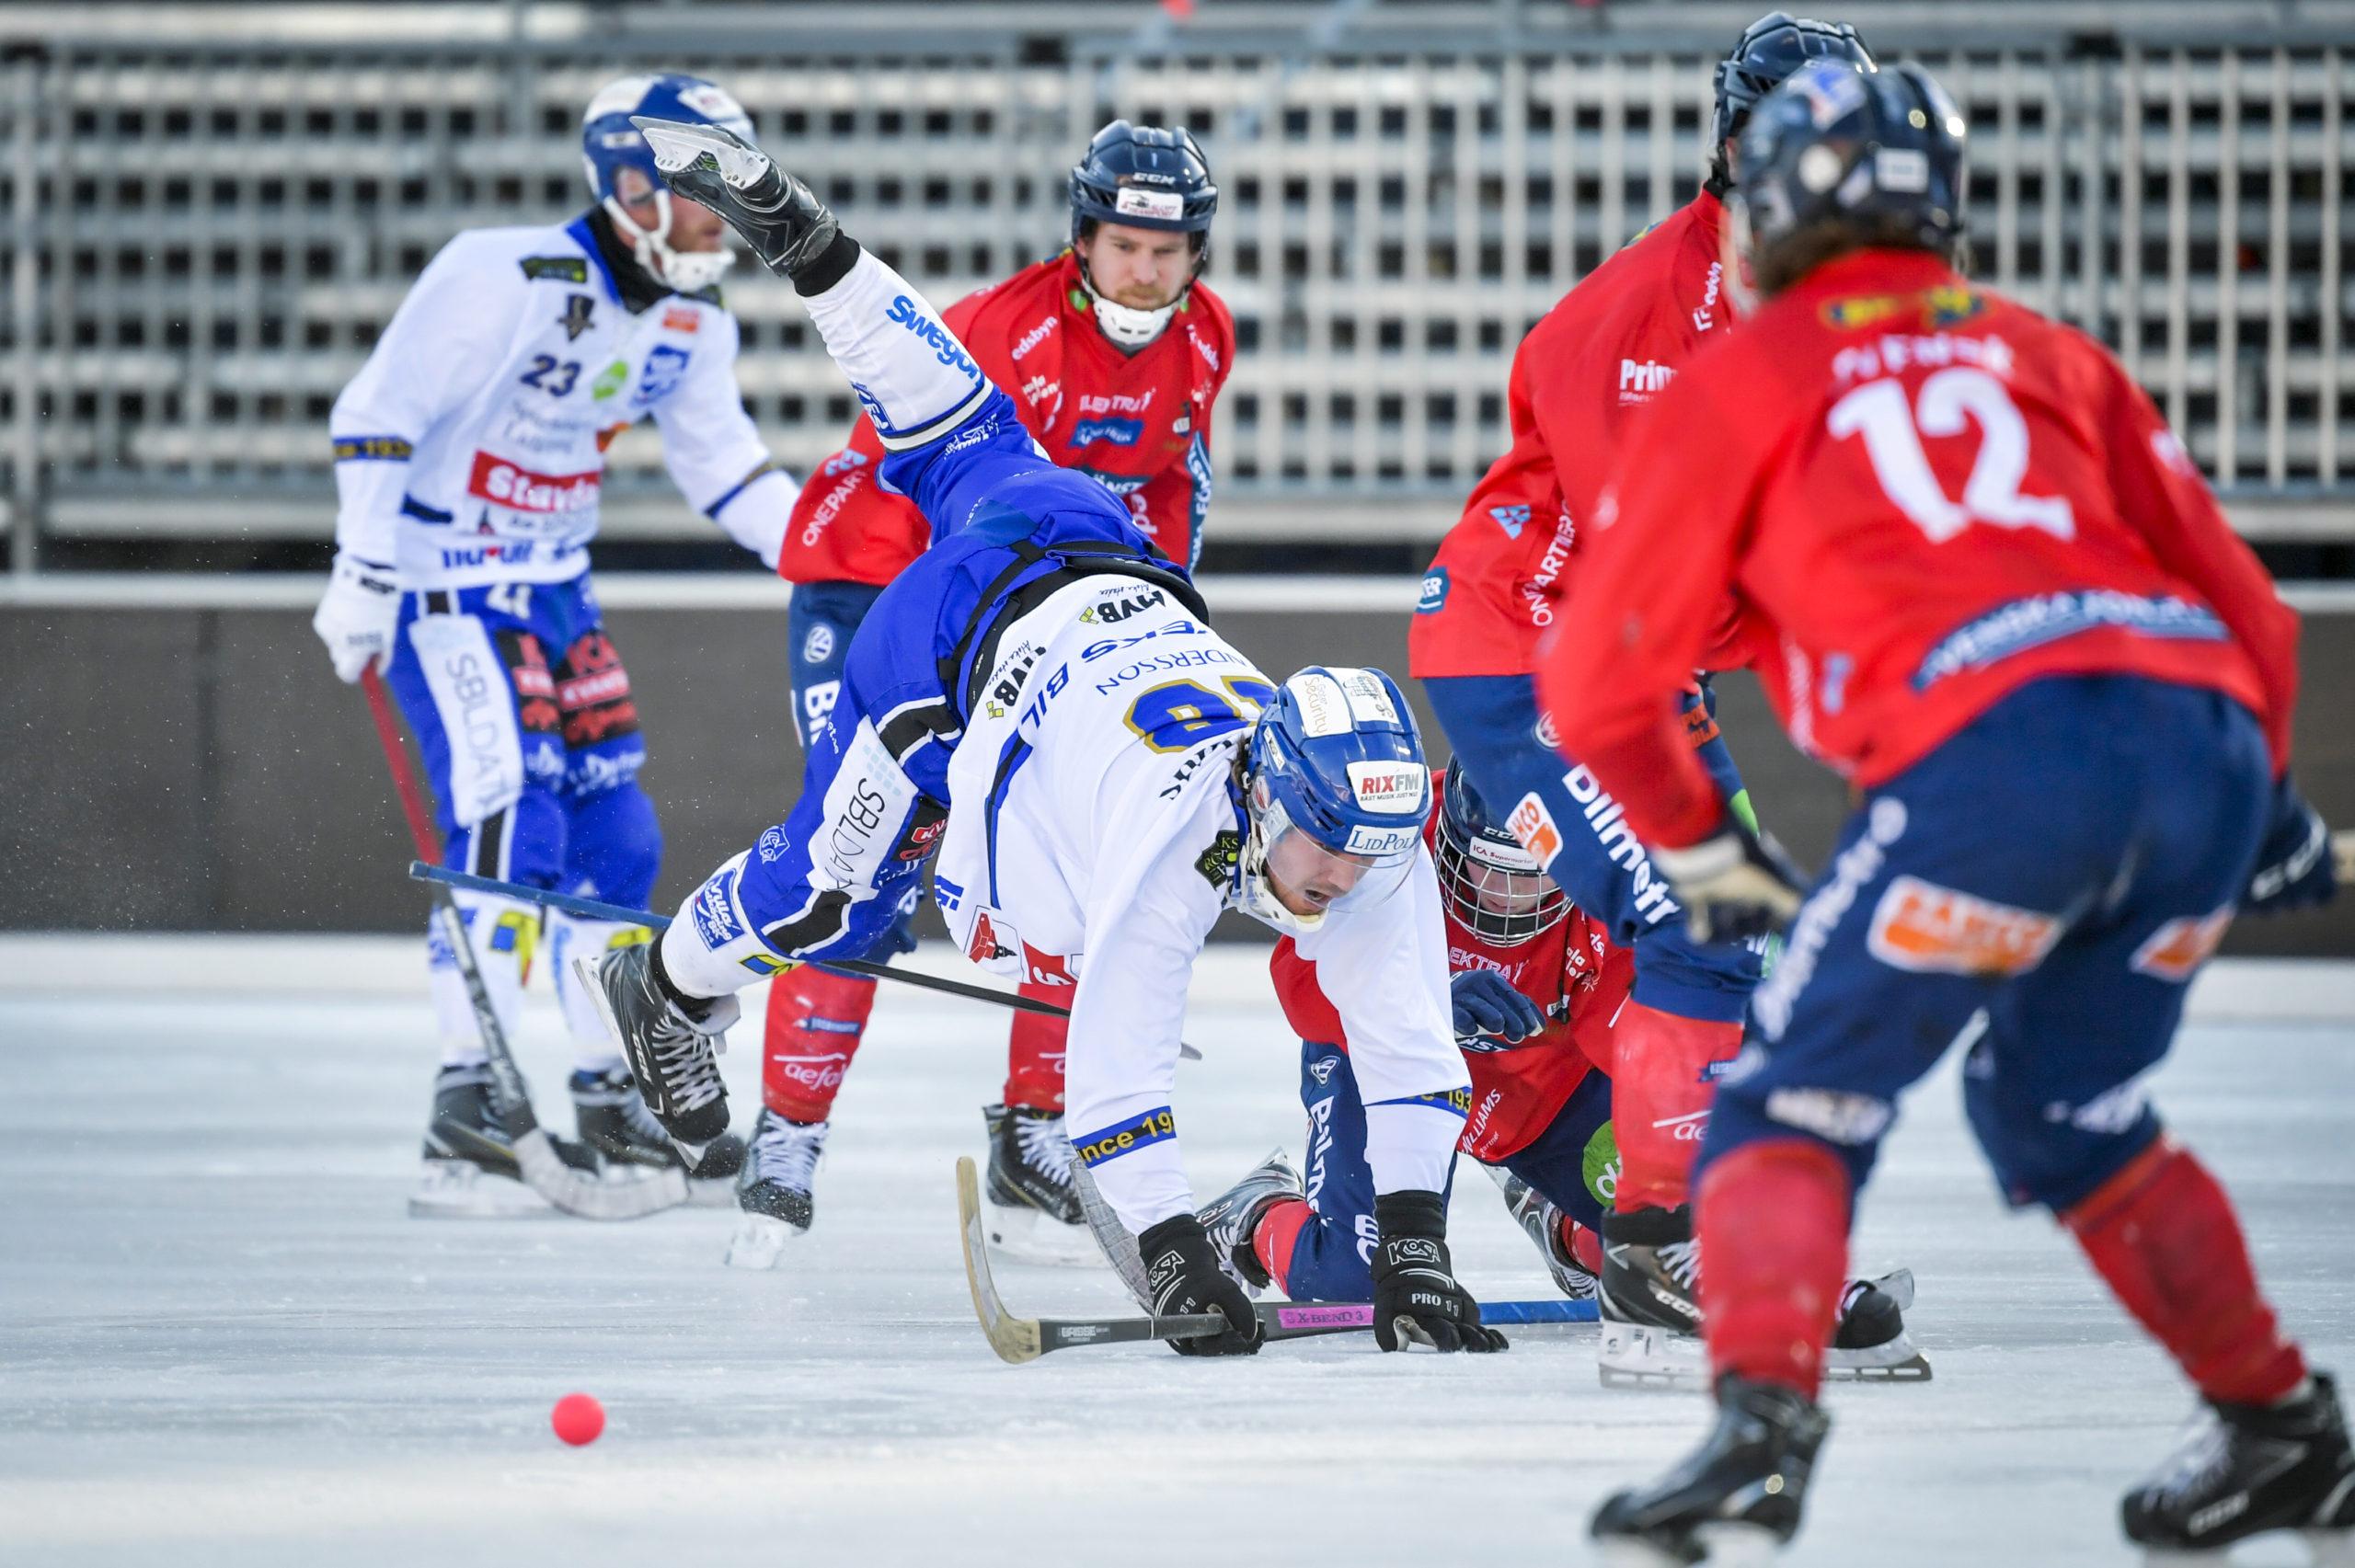 Villa Lidköpings spelare Joakim Andersson faller i en duell med en spelare i Edsbyn.